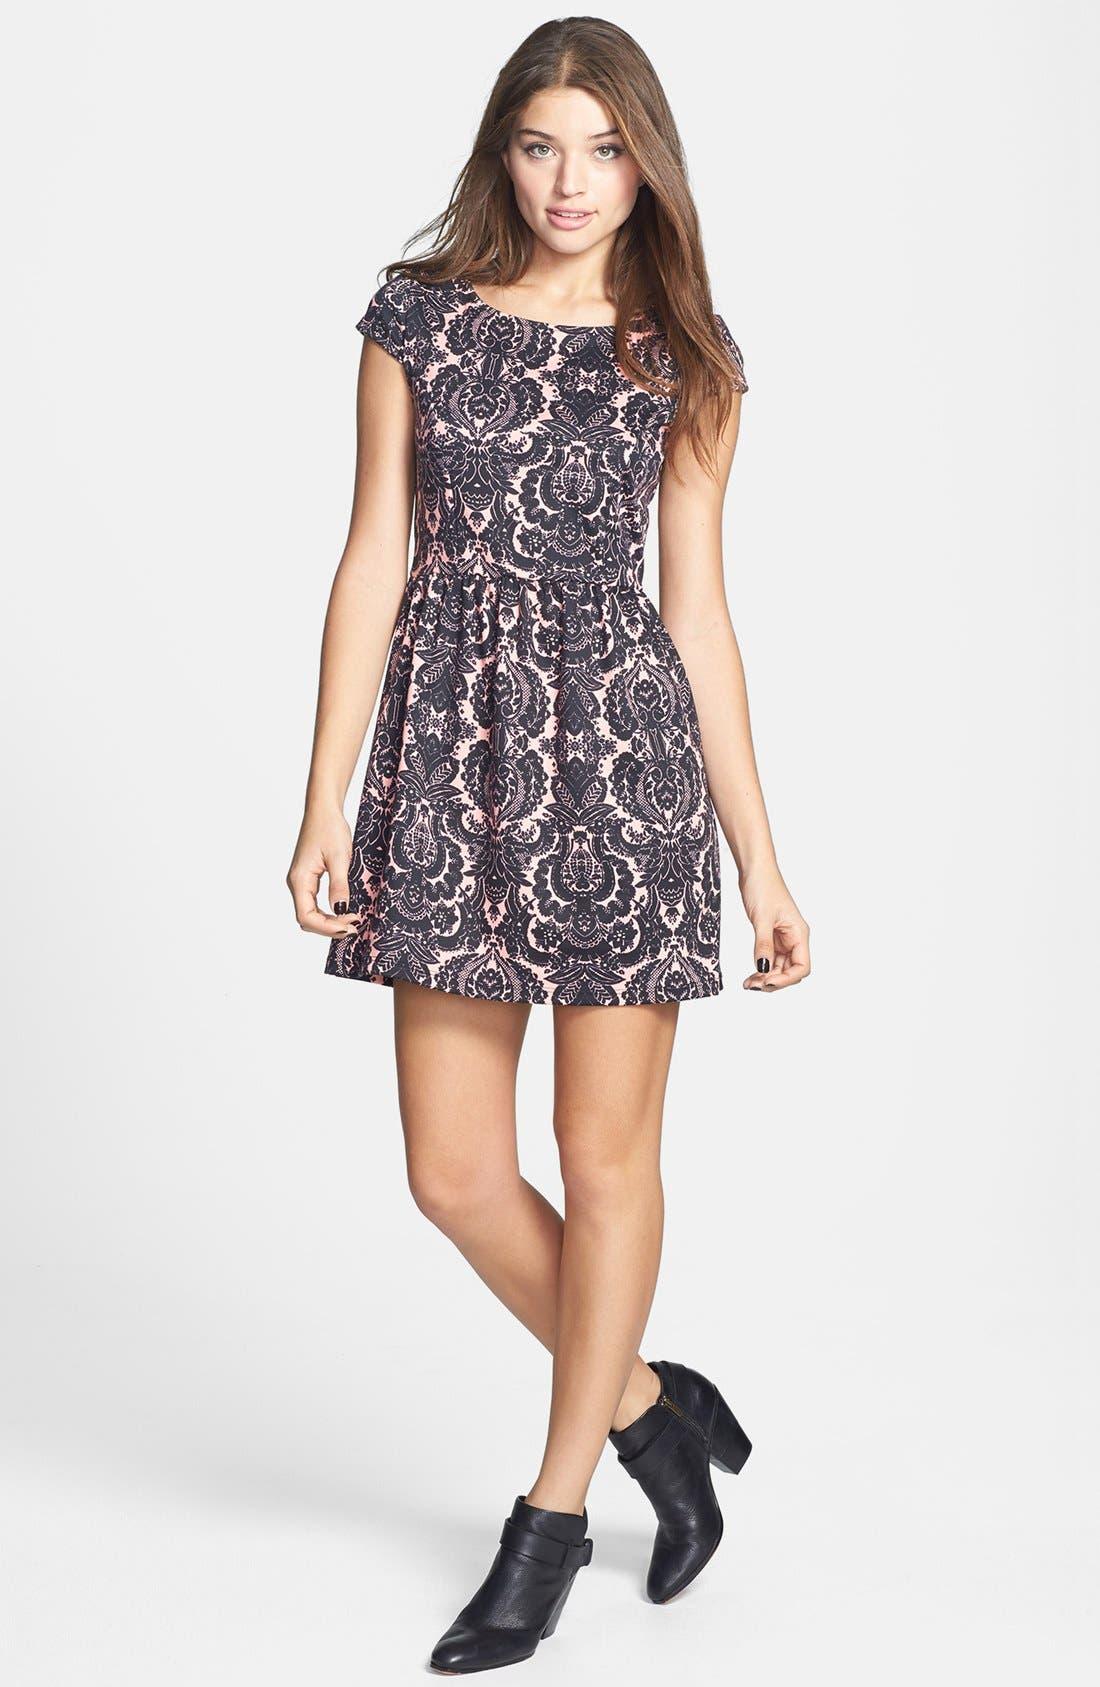 Alternate Image 1 Selected - Socialite Print Skater Dress (Juniors) (Online Only)